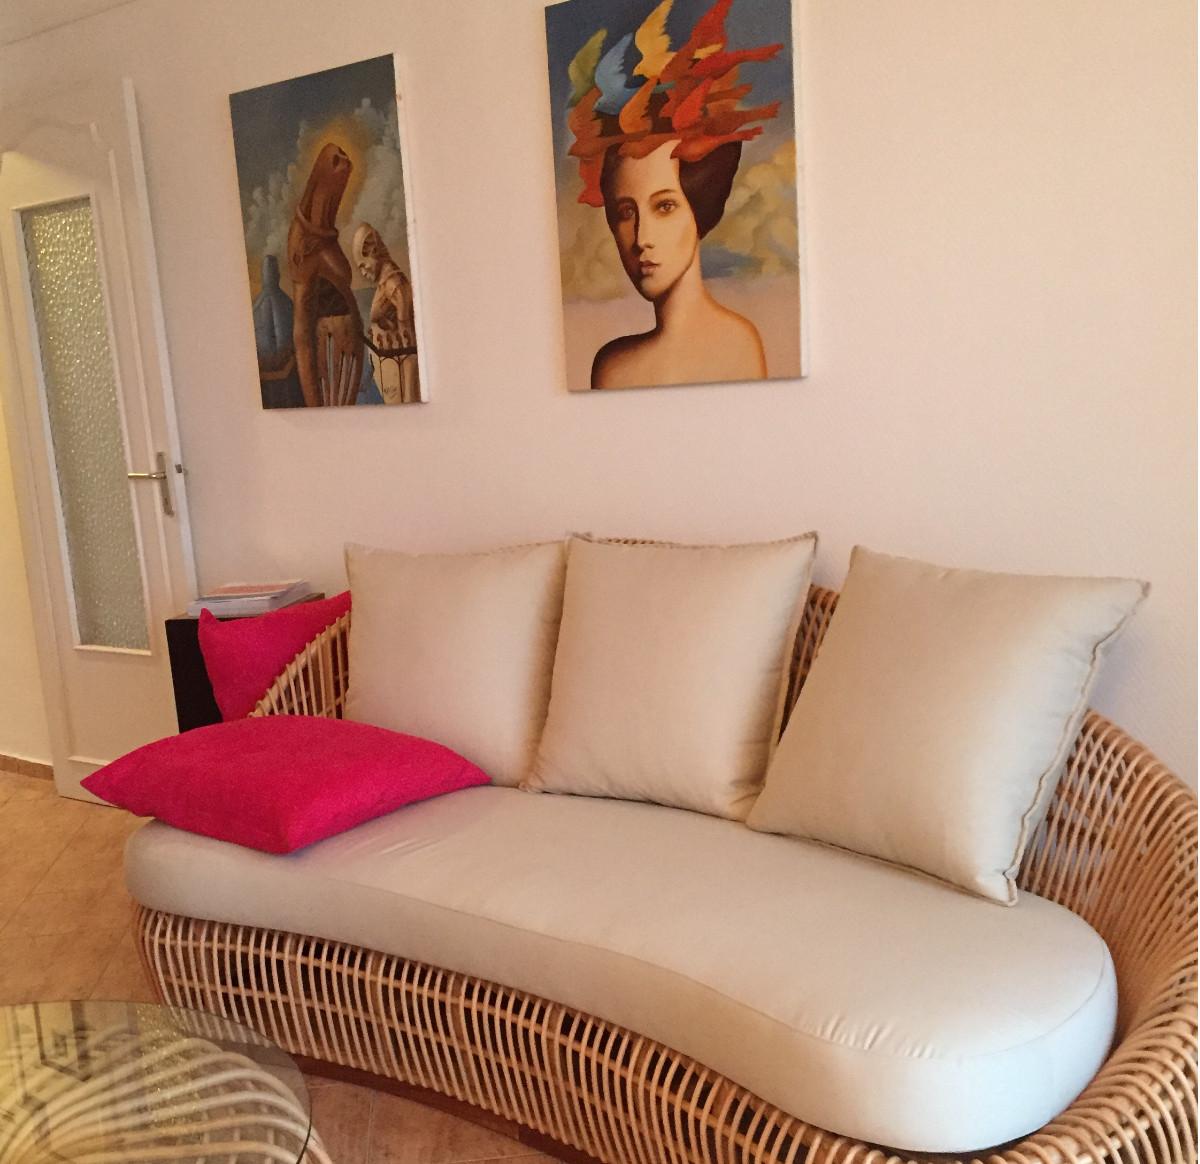 Residence Gallery Biarritz - France sur le site d'ARTactif